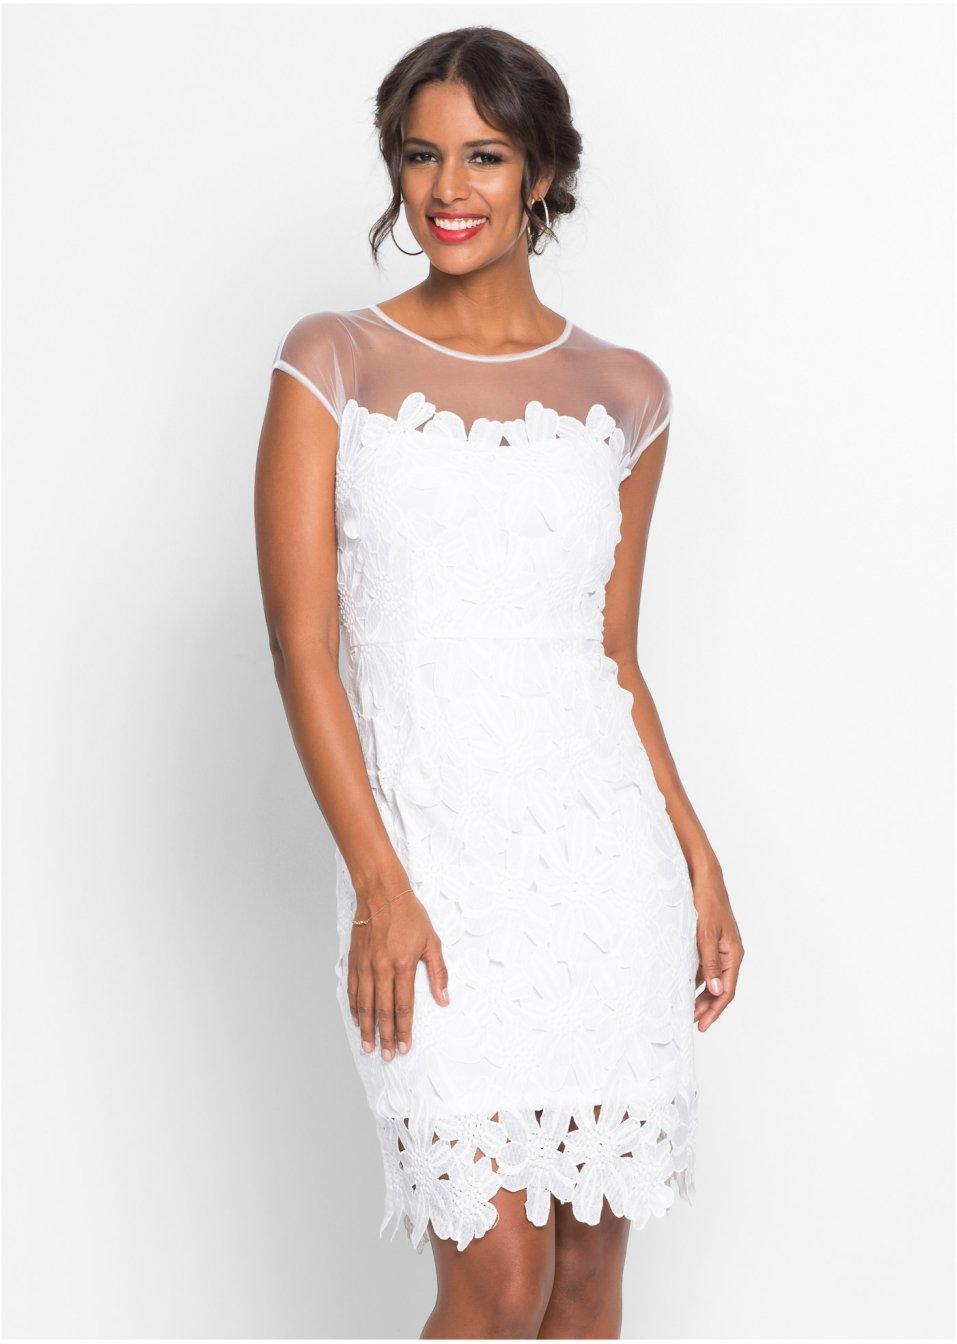 Šaty s květinovou krajkou bílá - Žena - bonprix.cz c28afbd42f